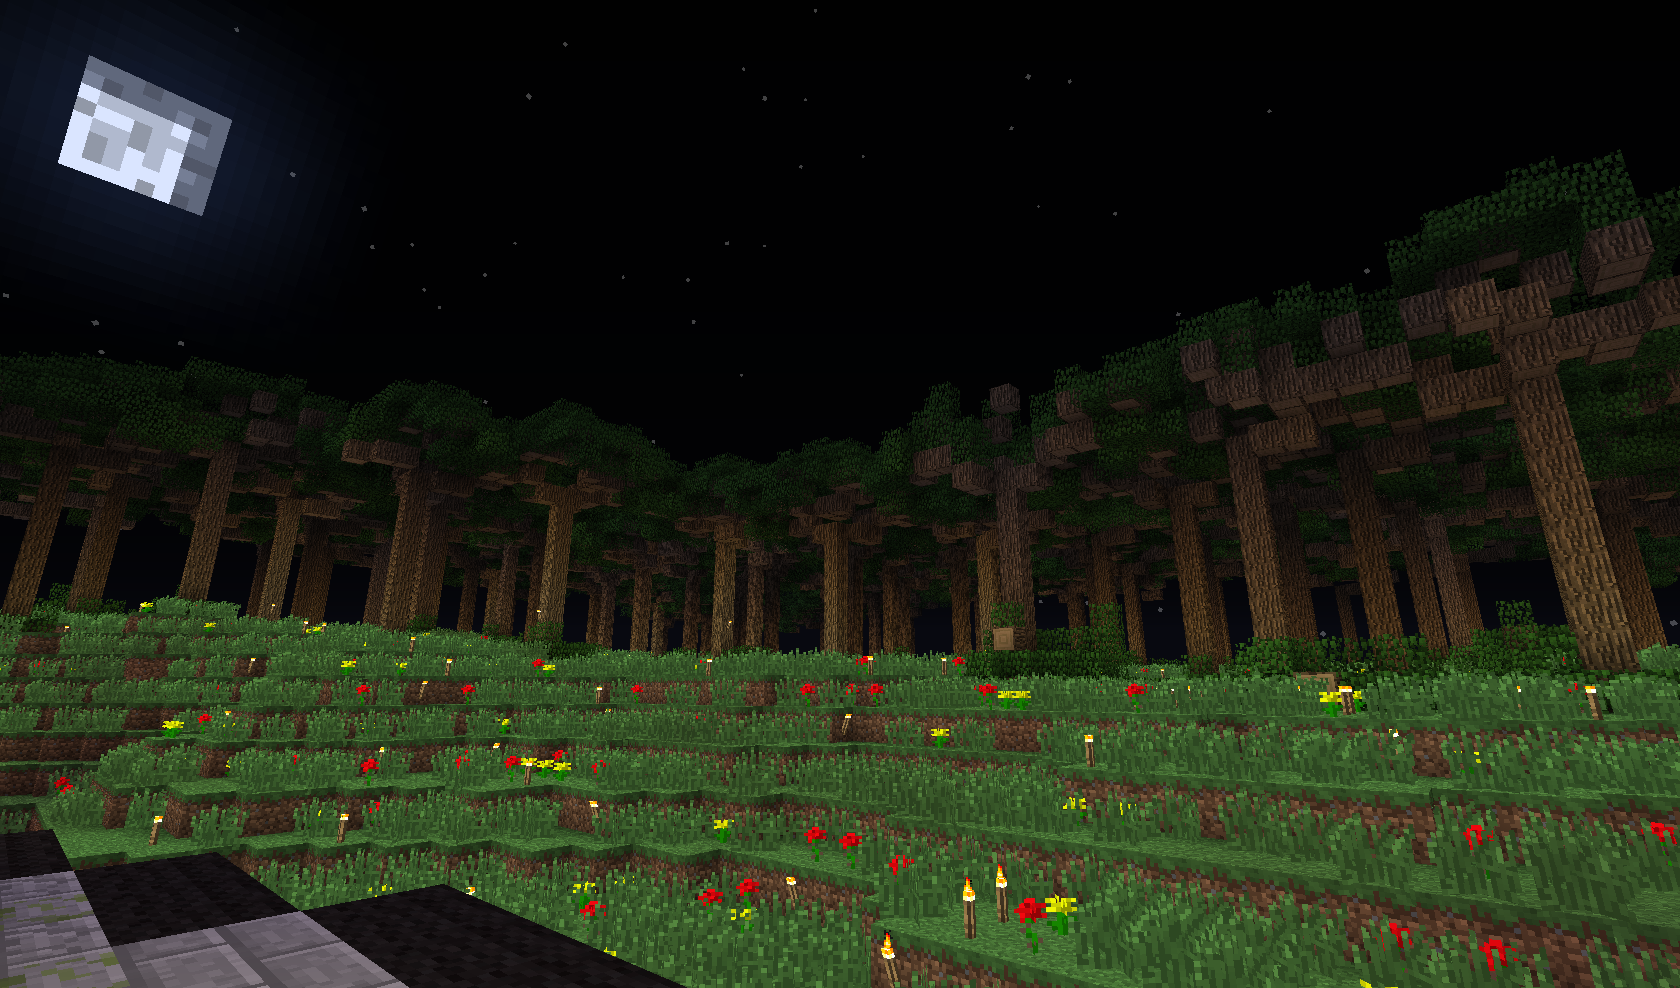 las dużych drzew